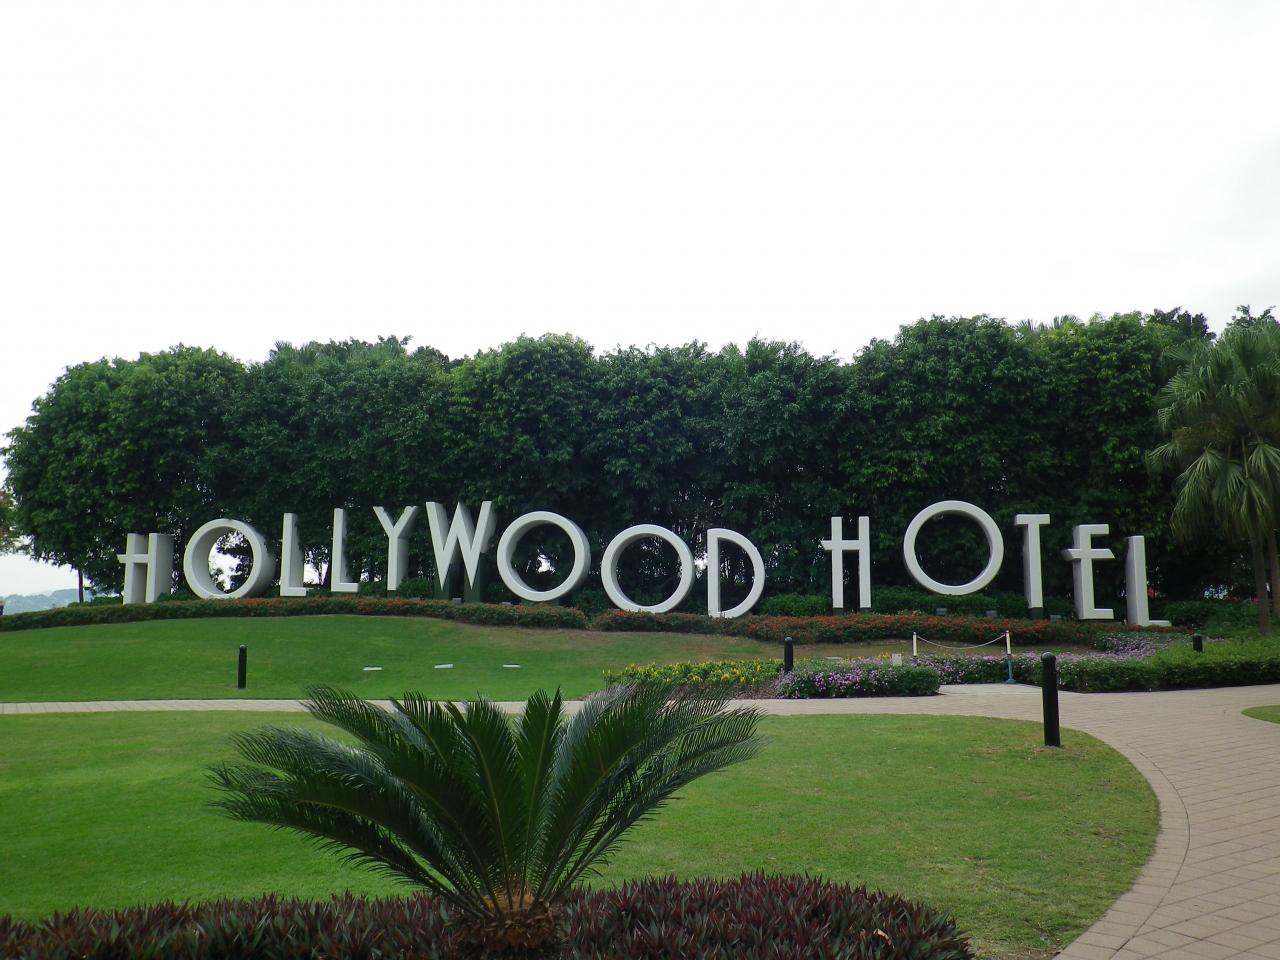 ディズニーズ・ハリウッド・ホテル.』香港(香港)の旅行記・ブログ by